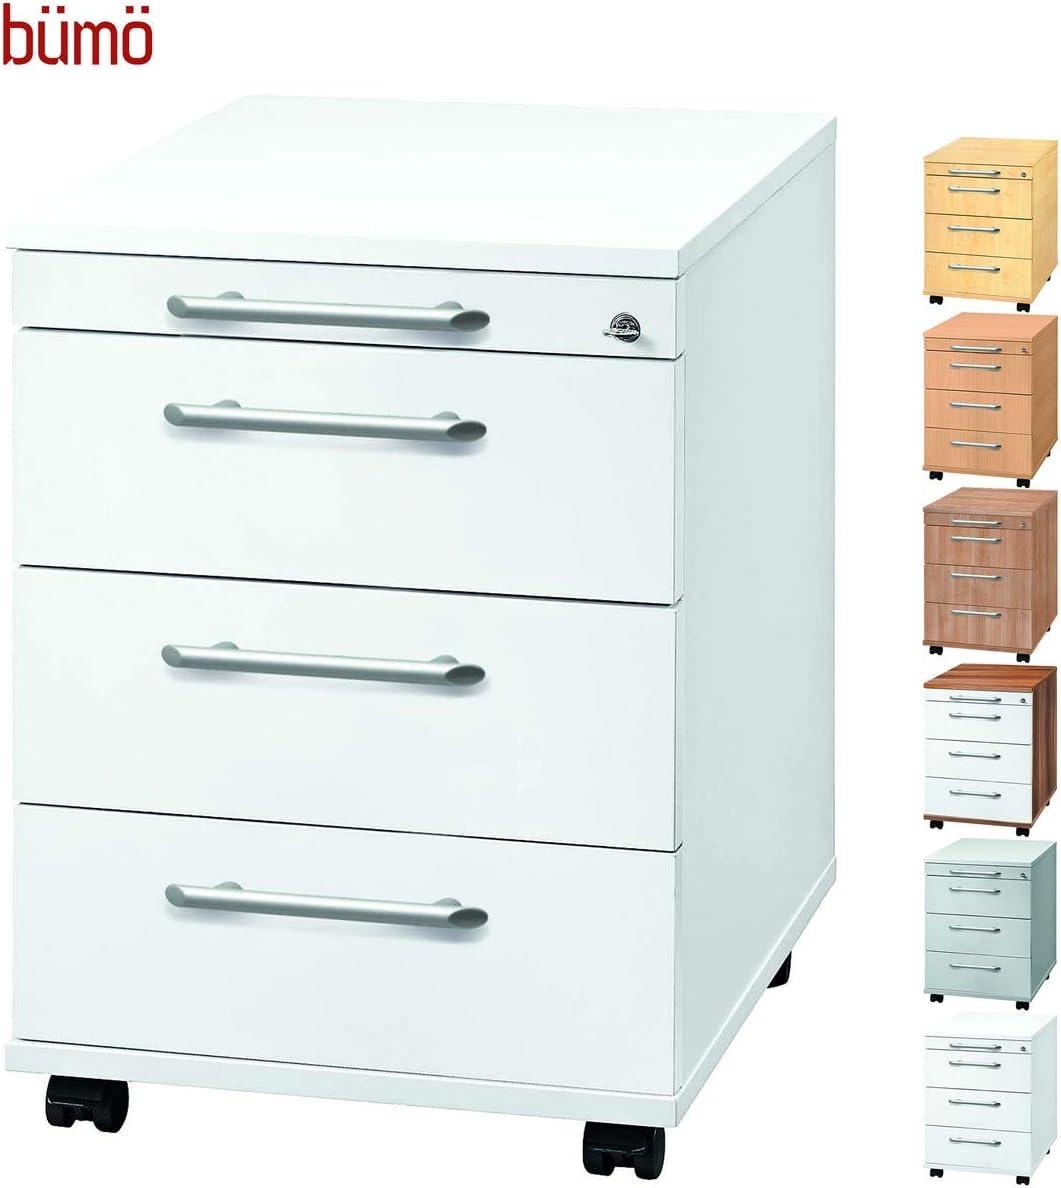 Tischcontainer mit Rollen Zwetschge//Wei/ß in 6 Dekoren b/üm/ö/® Rollcontainer mit 3 Sch/üben /& Schloss B/ürocontainer aus Holz